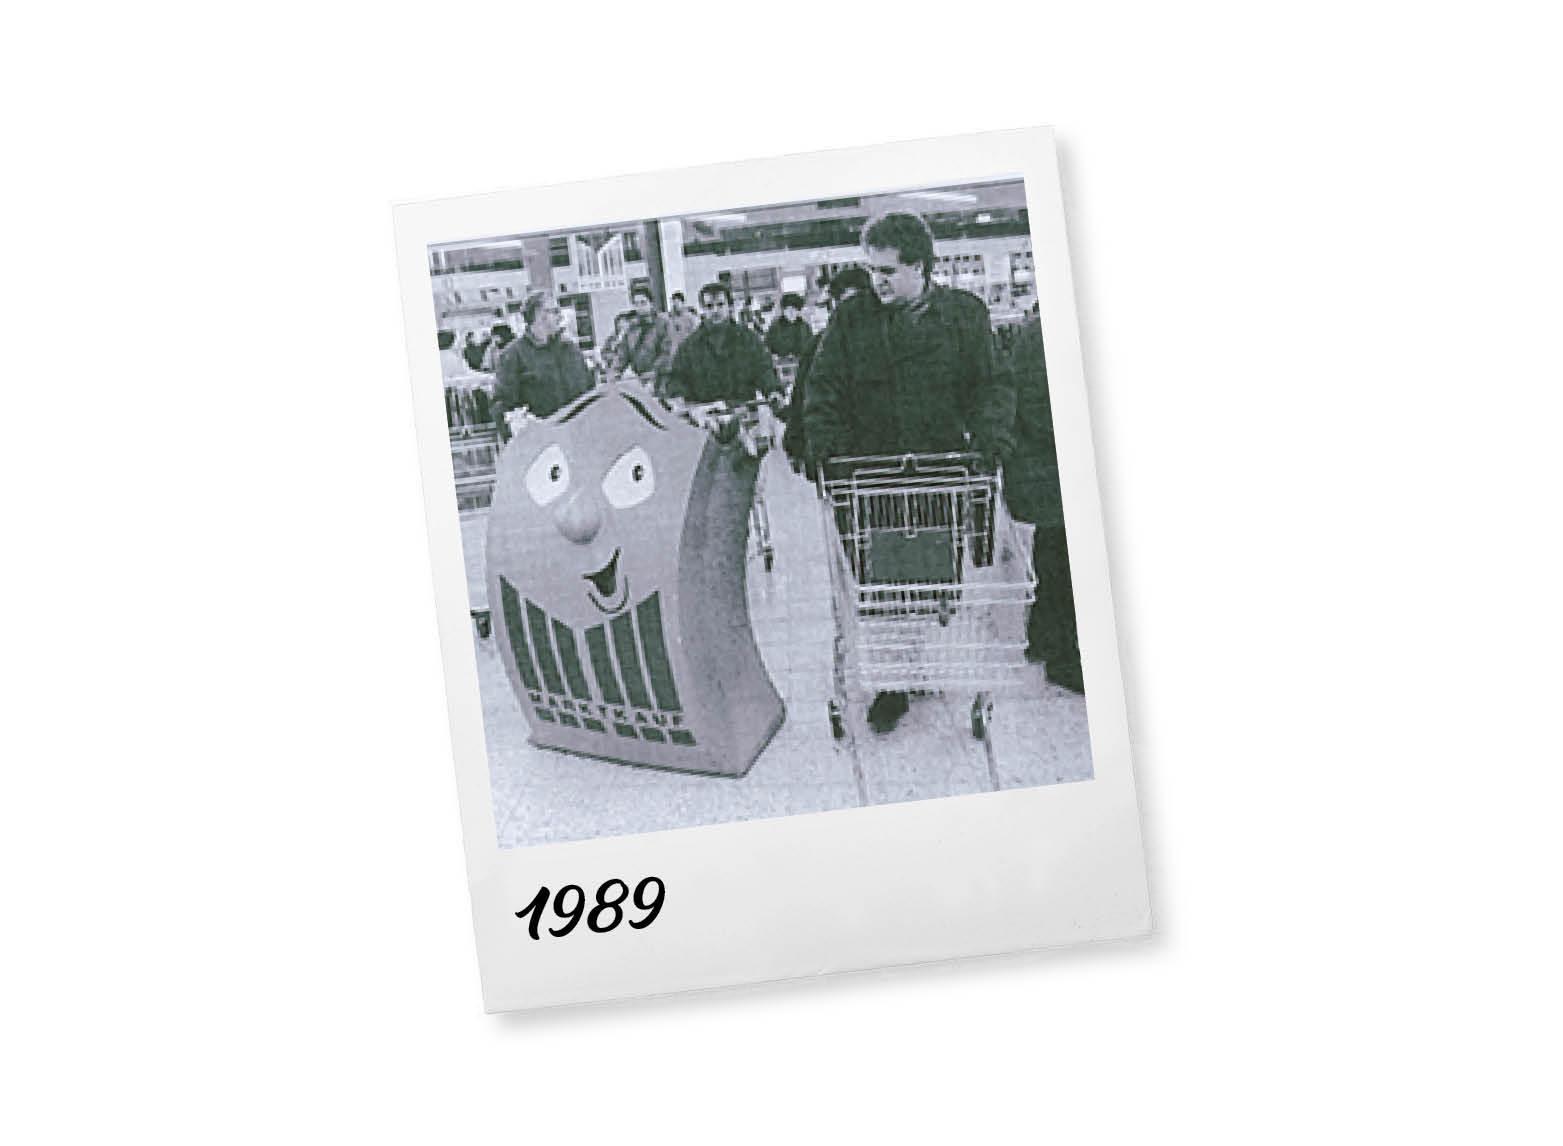 Übernahme des Unternehmens Kaufmarkt (Nürnberg) und Beginn der Expansion in Süddeutschland.